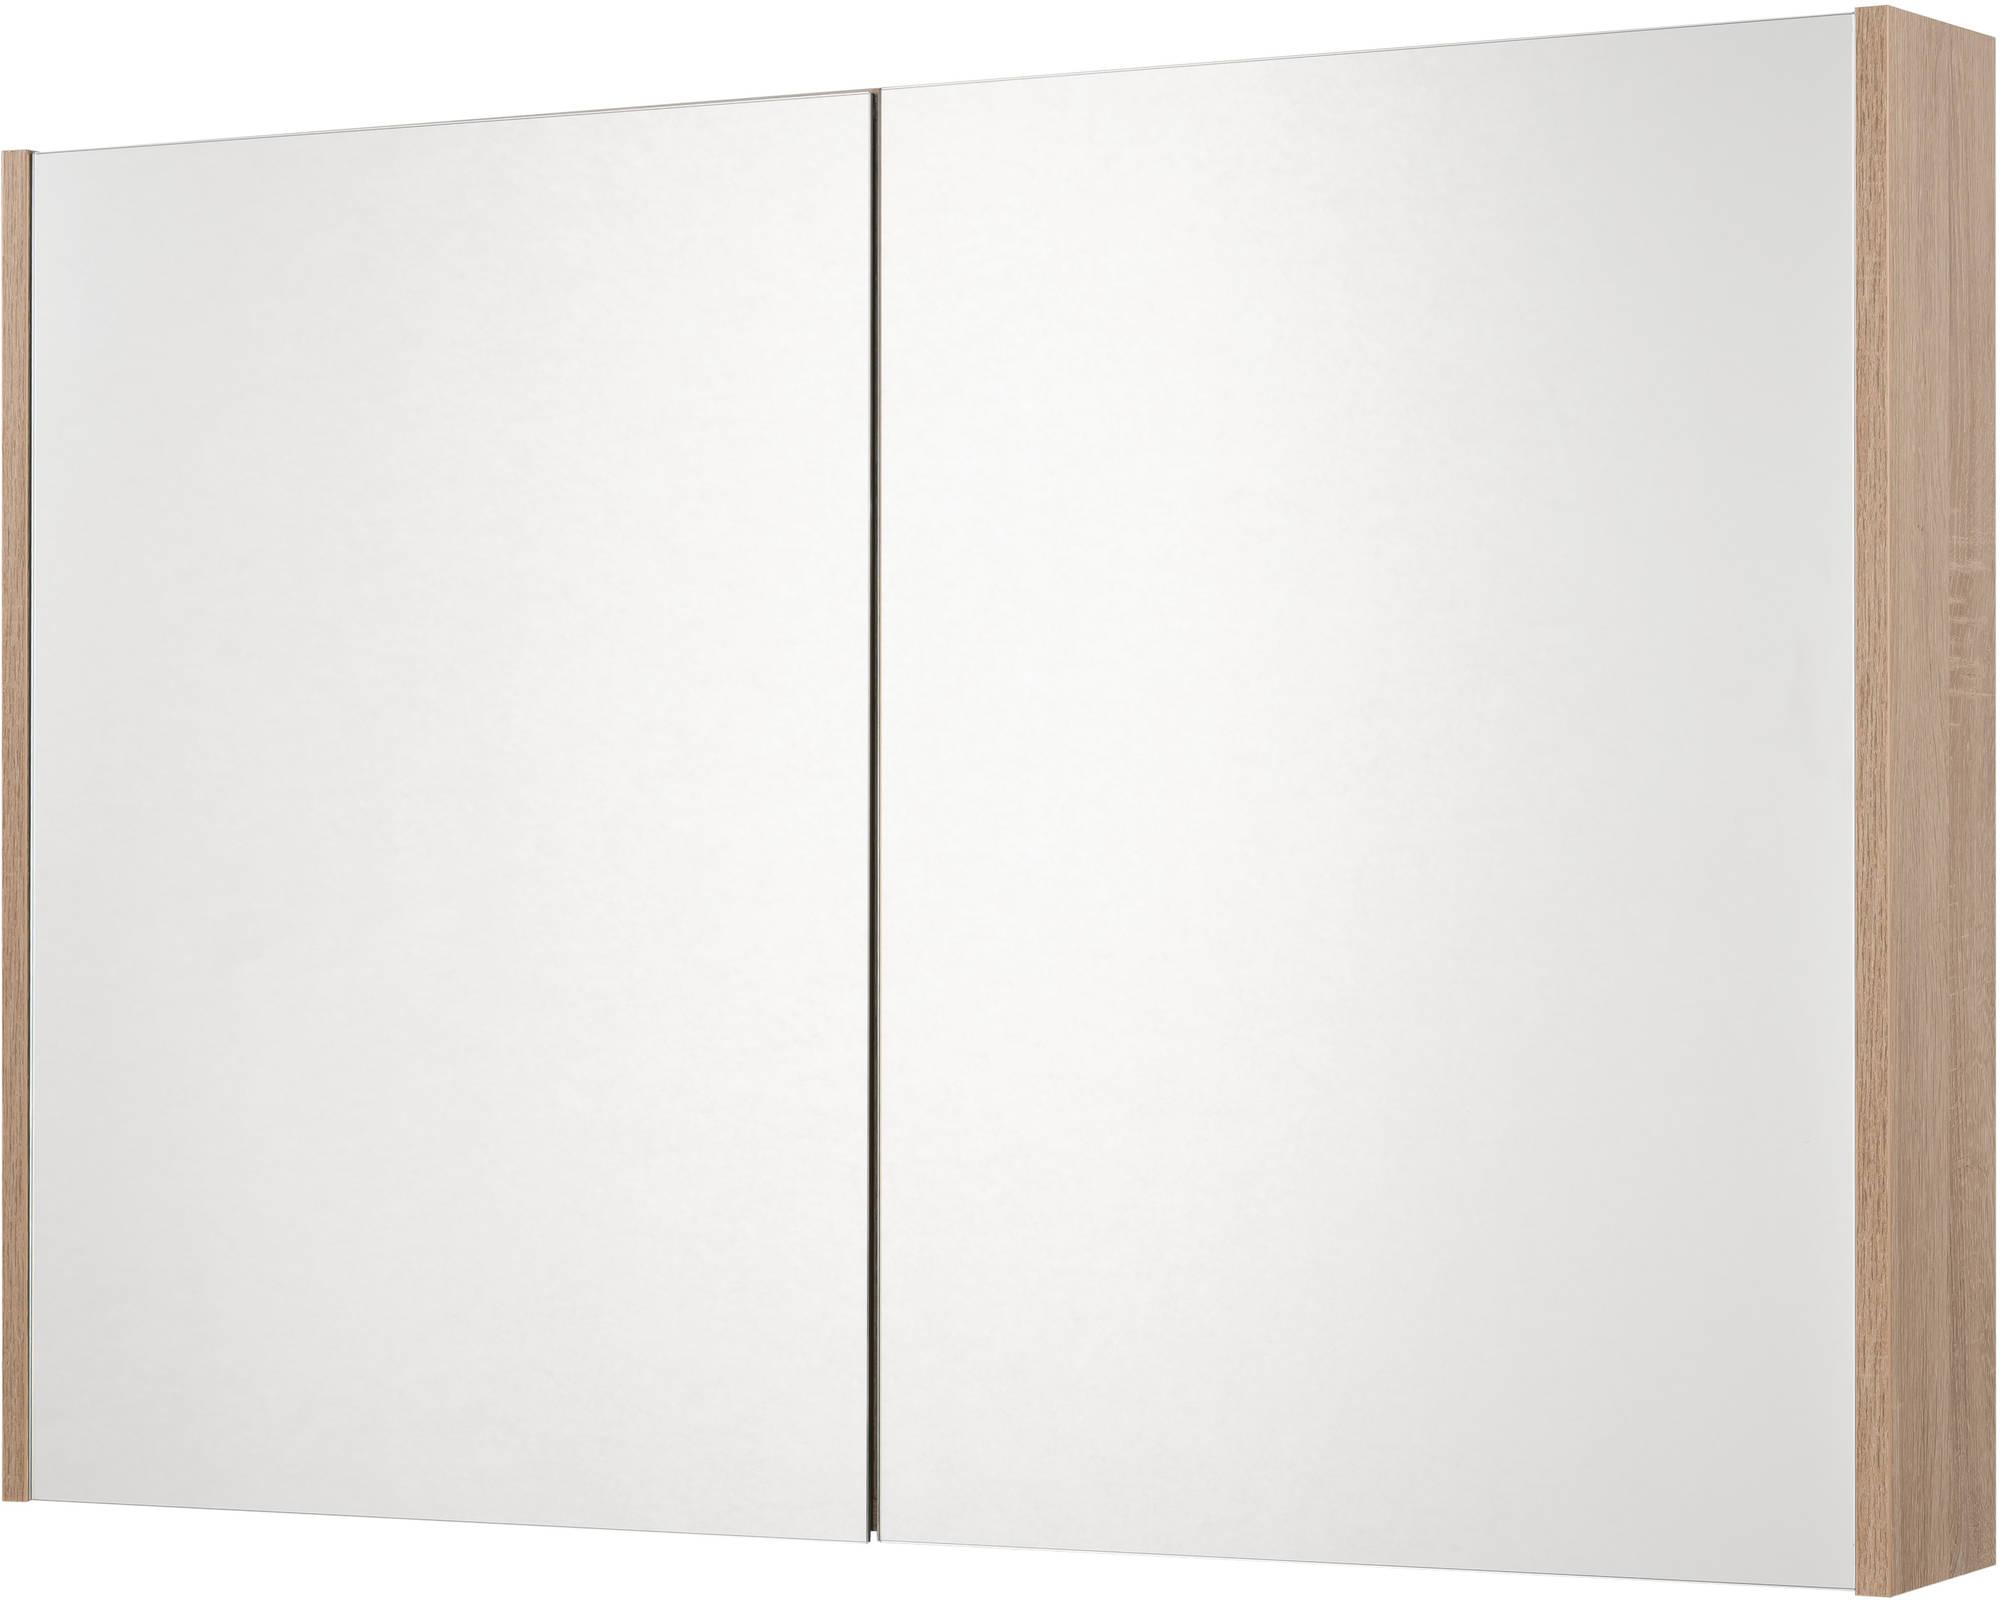 Saniselect Socan Spiegelkast 100x14x70 cm Bardolino Eiken